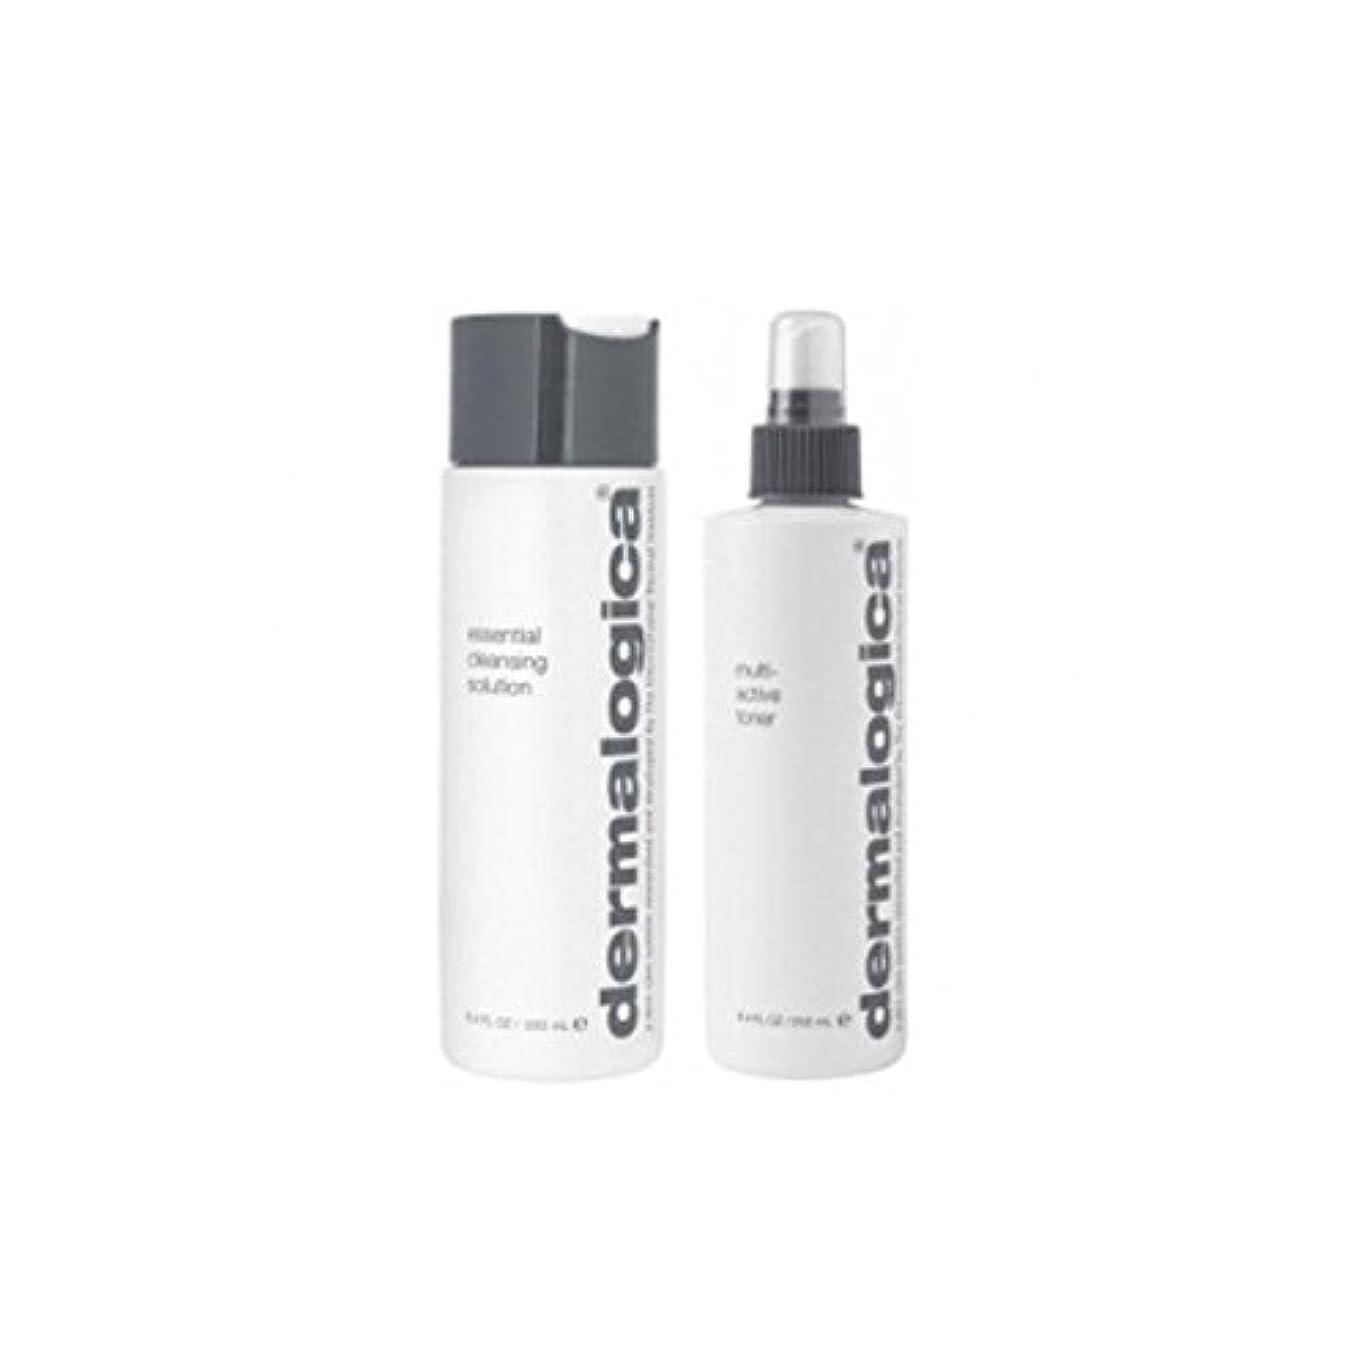 弱まる見捨てるガムダーマロジカクレンジング&トーンデュオ - 乾燥肌 x2 - Dermalogica Cleanse & Tone Duo - Dry Skin (Pack of 2) [並行輸入品]